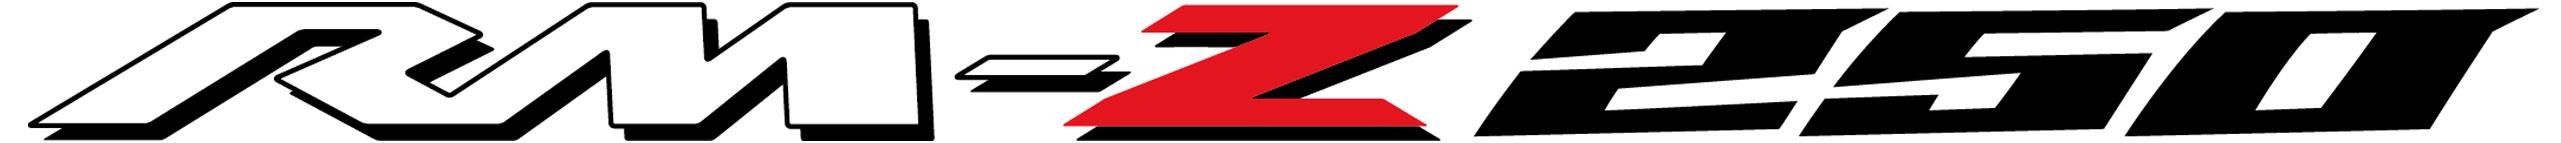 rm-z250l6_logo